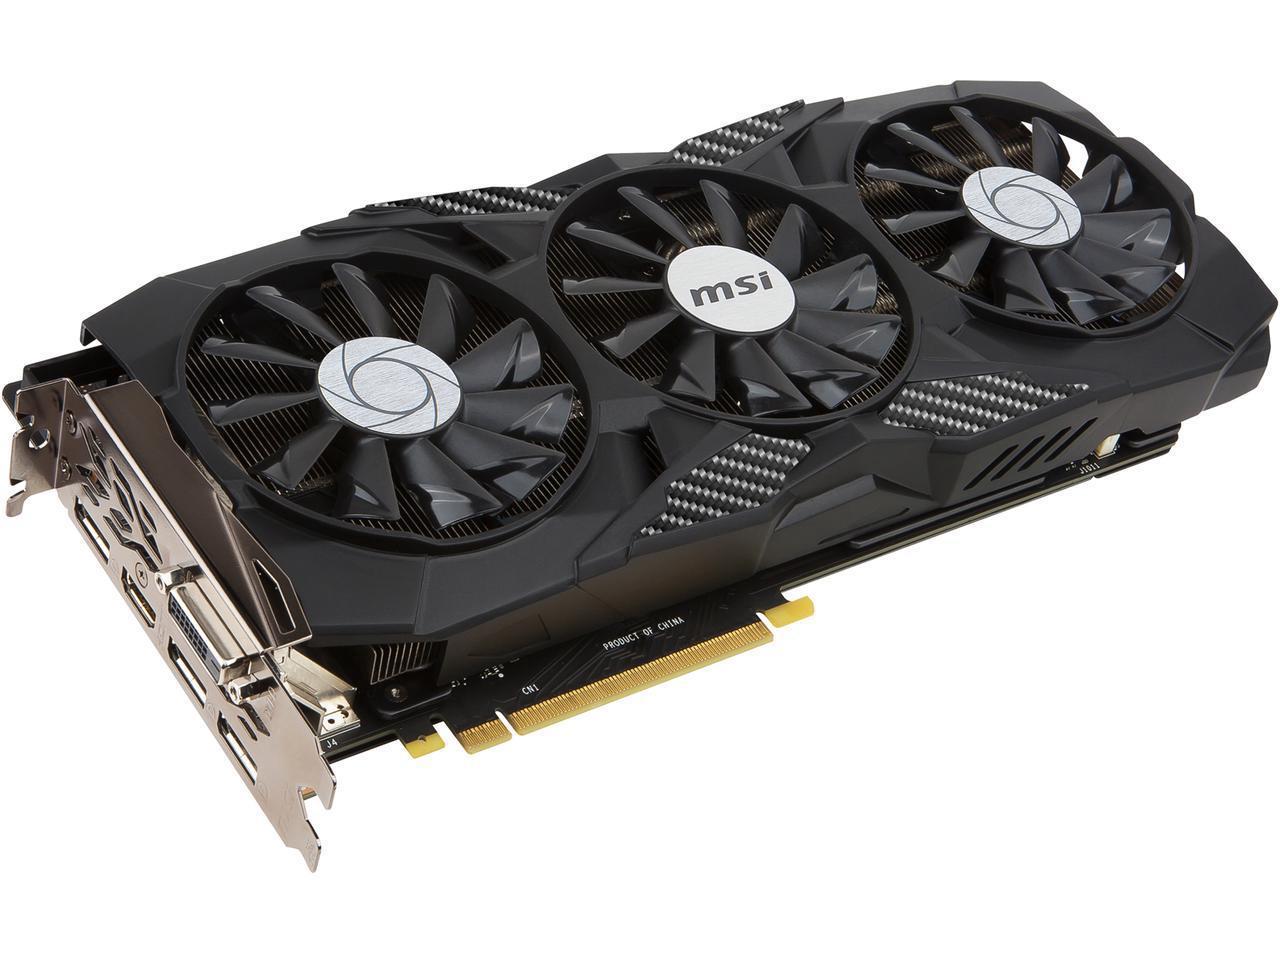 MSI GeForce GTX 1080 DirectX 12 GTX 1080 DUKE 8G, $599.99 + 4.99 Shipping